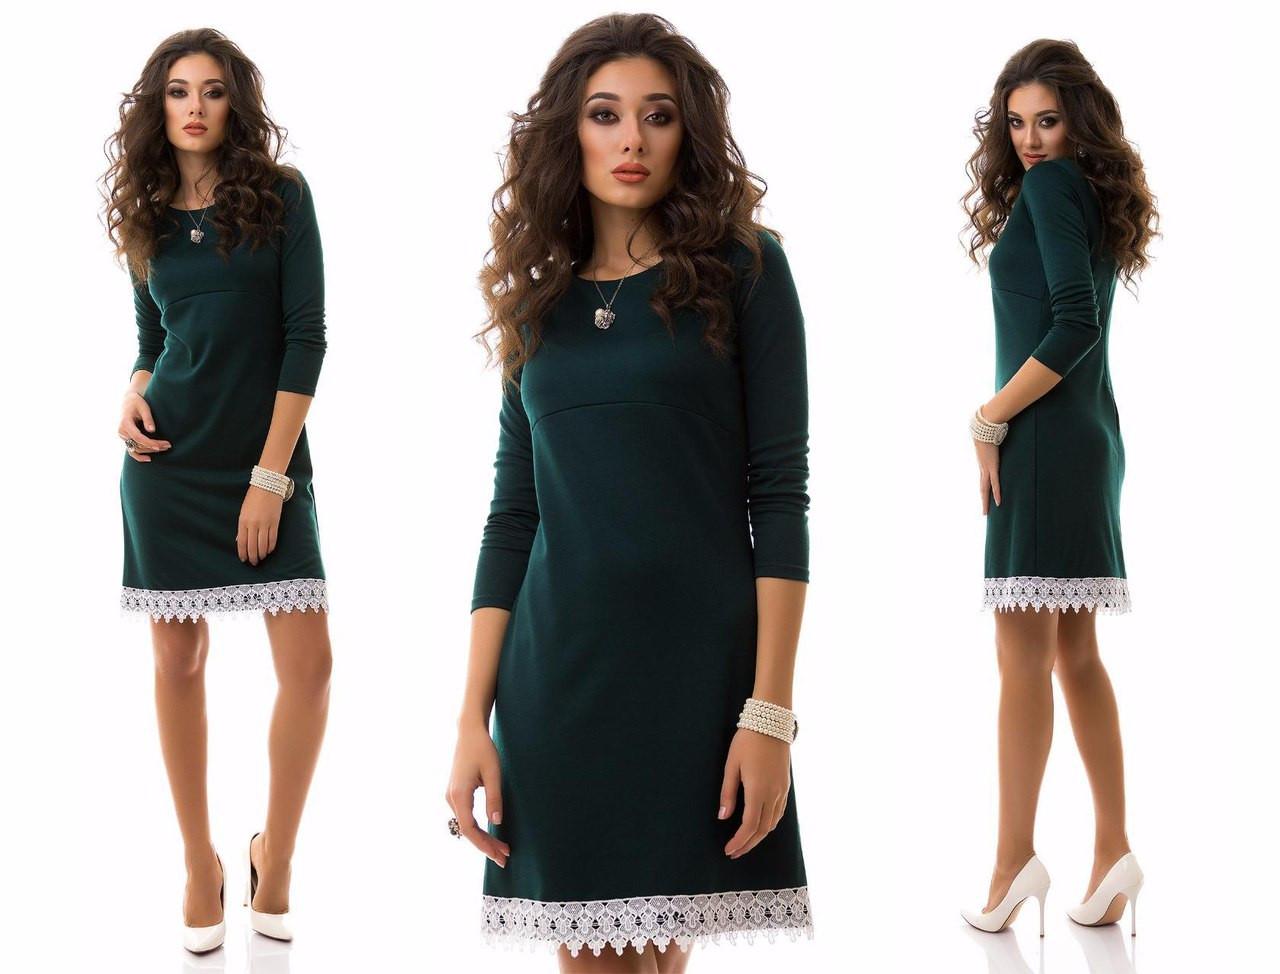 e3759588729 Стильное платье из зеленого трикотажа с белым кружевом  продажа ...